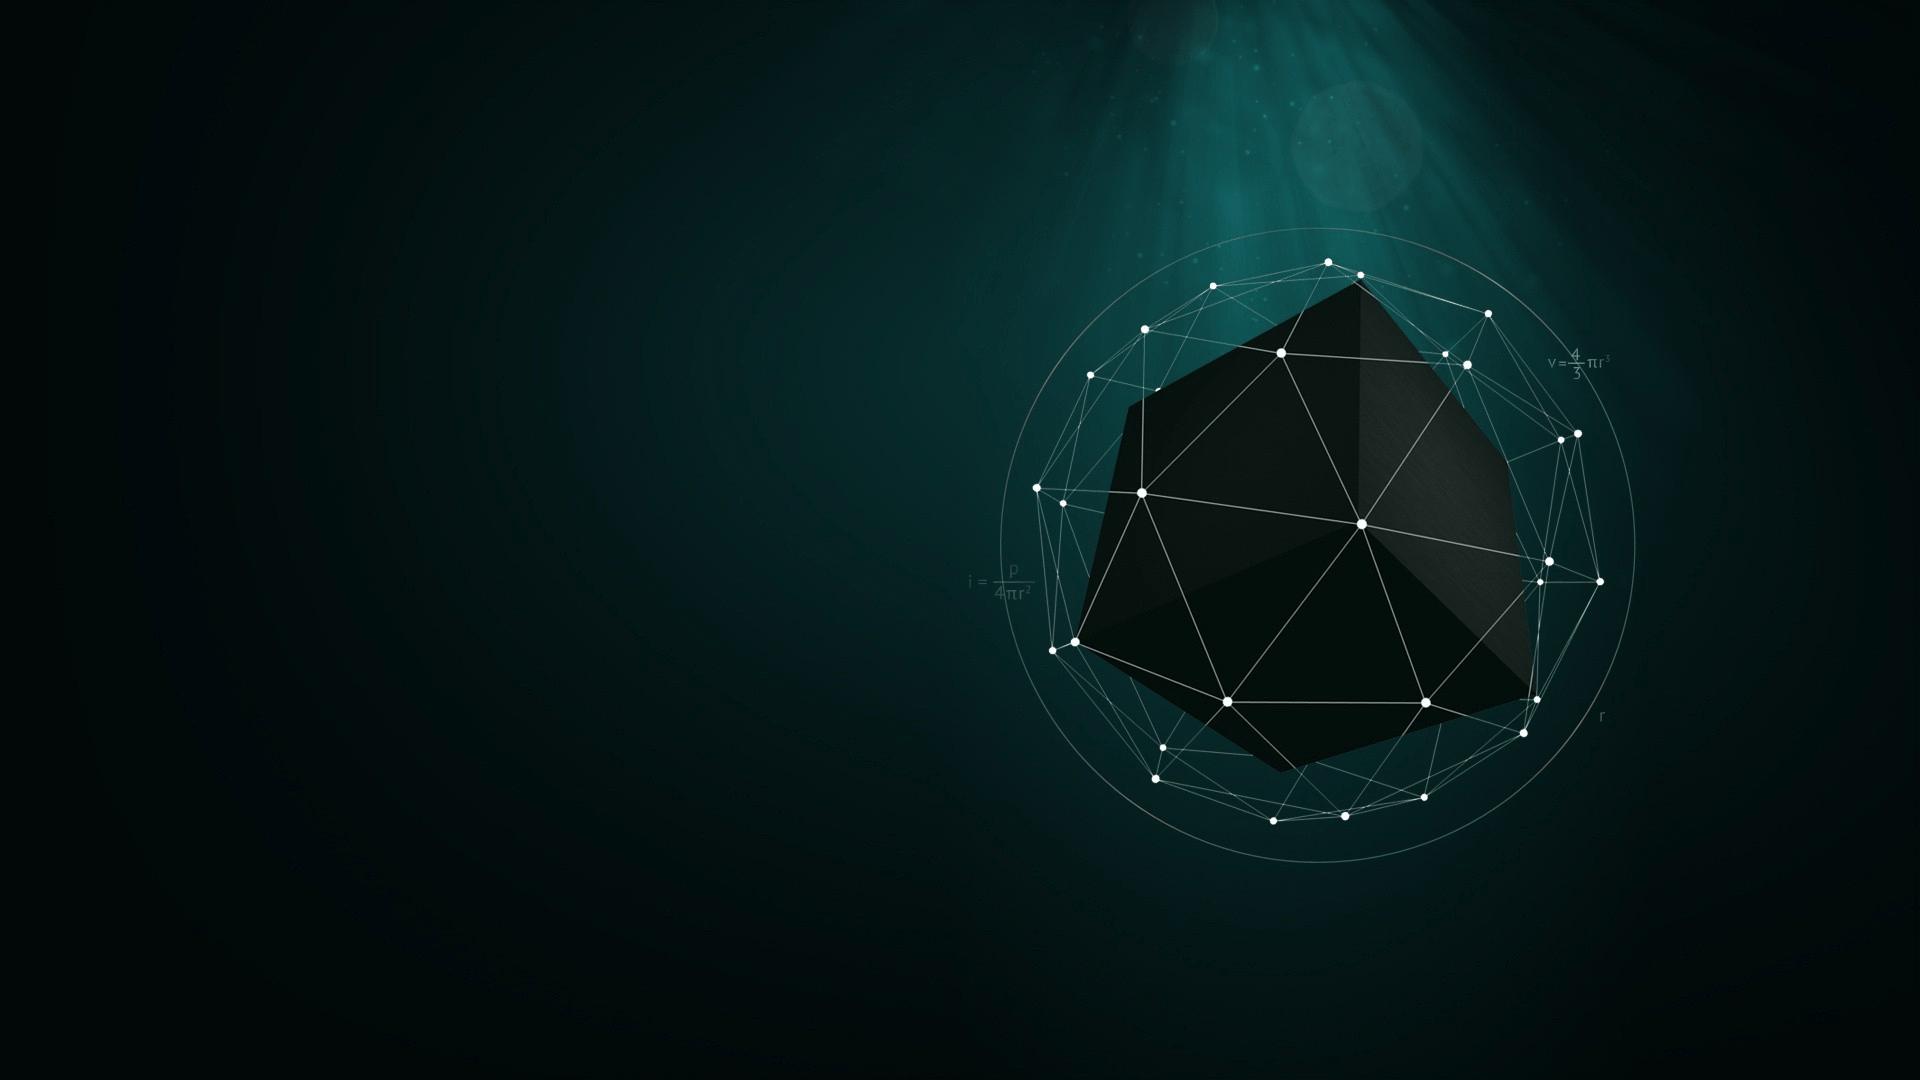 Mathematics HD Desktop Wallpapers